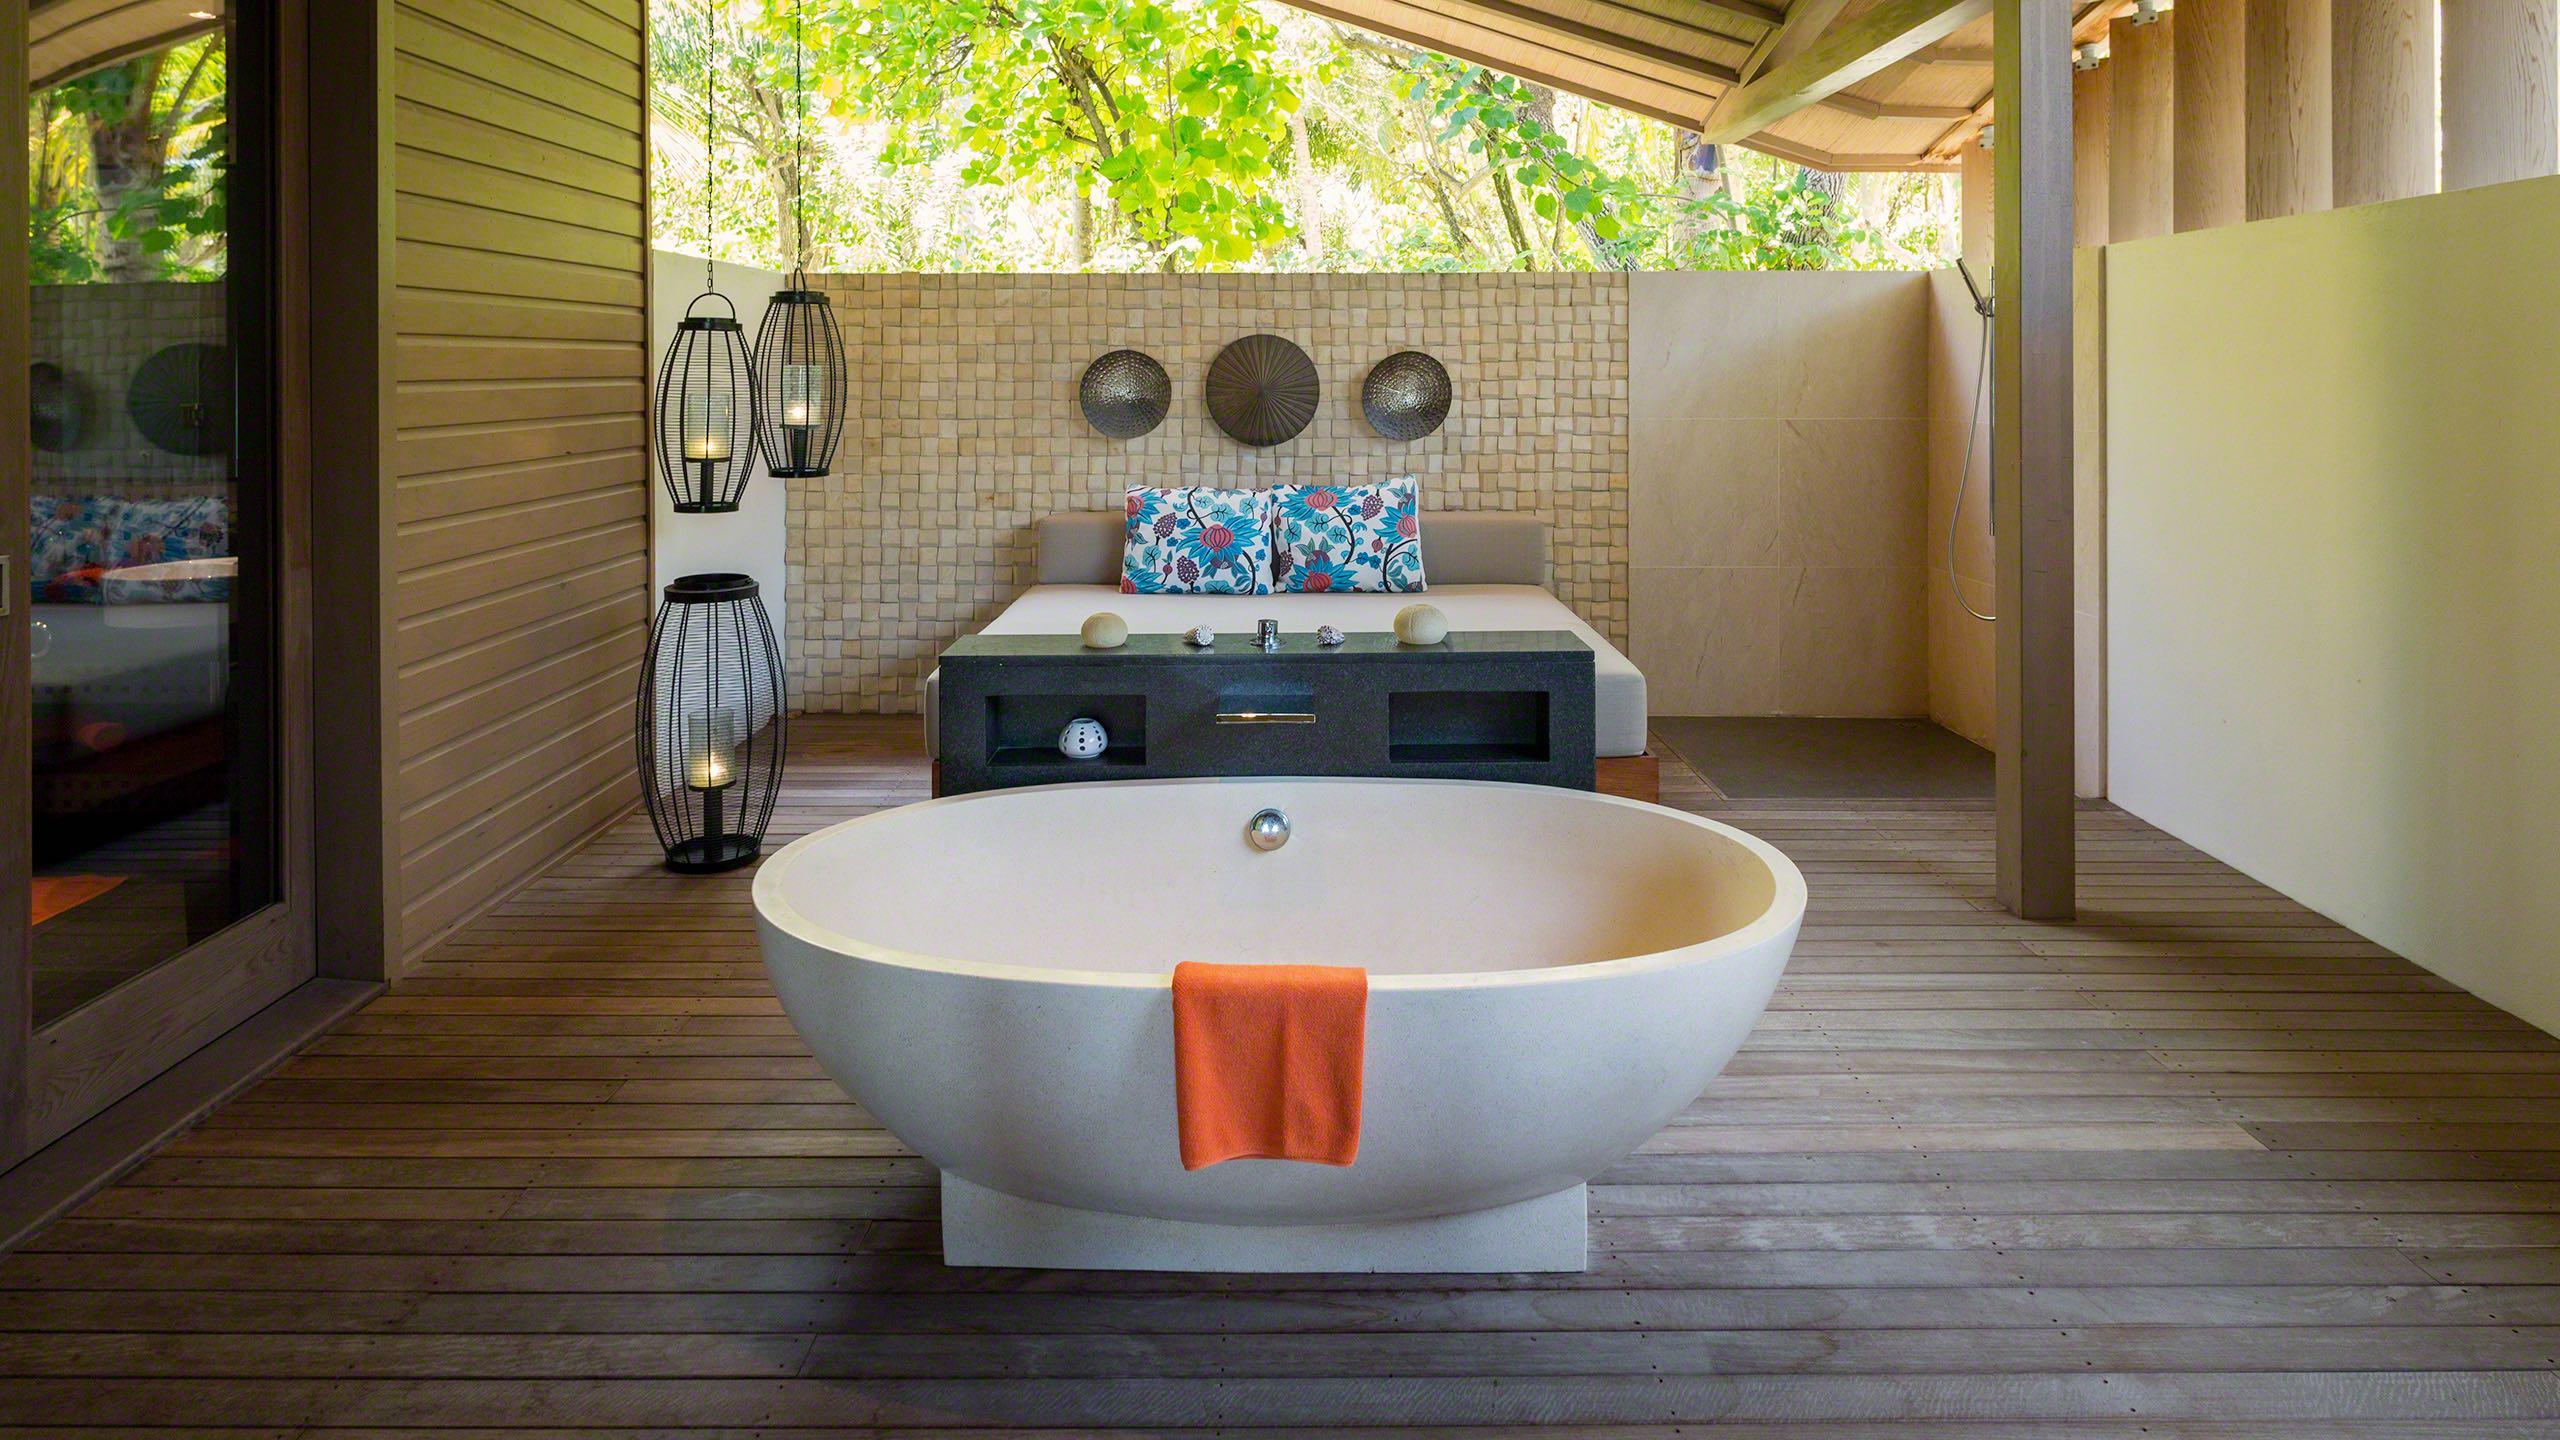 Schöner Baden: Zusätzliches Bad mit Daybed im Freien ©Mirco Seyfert